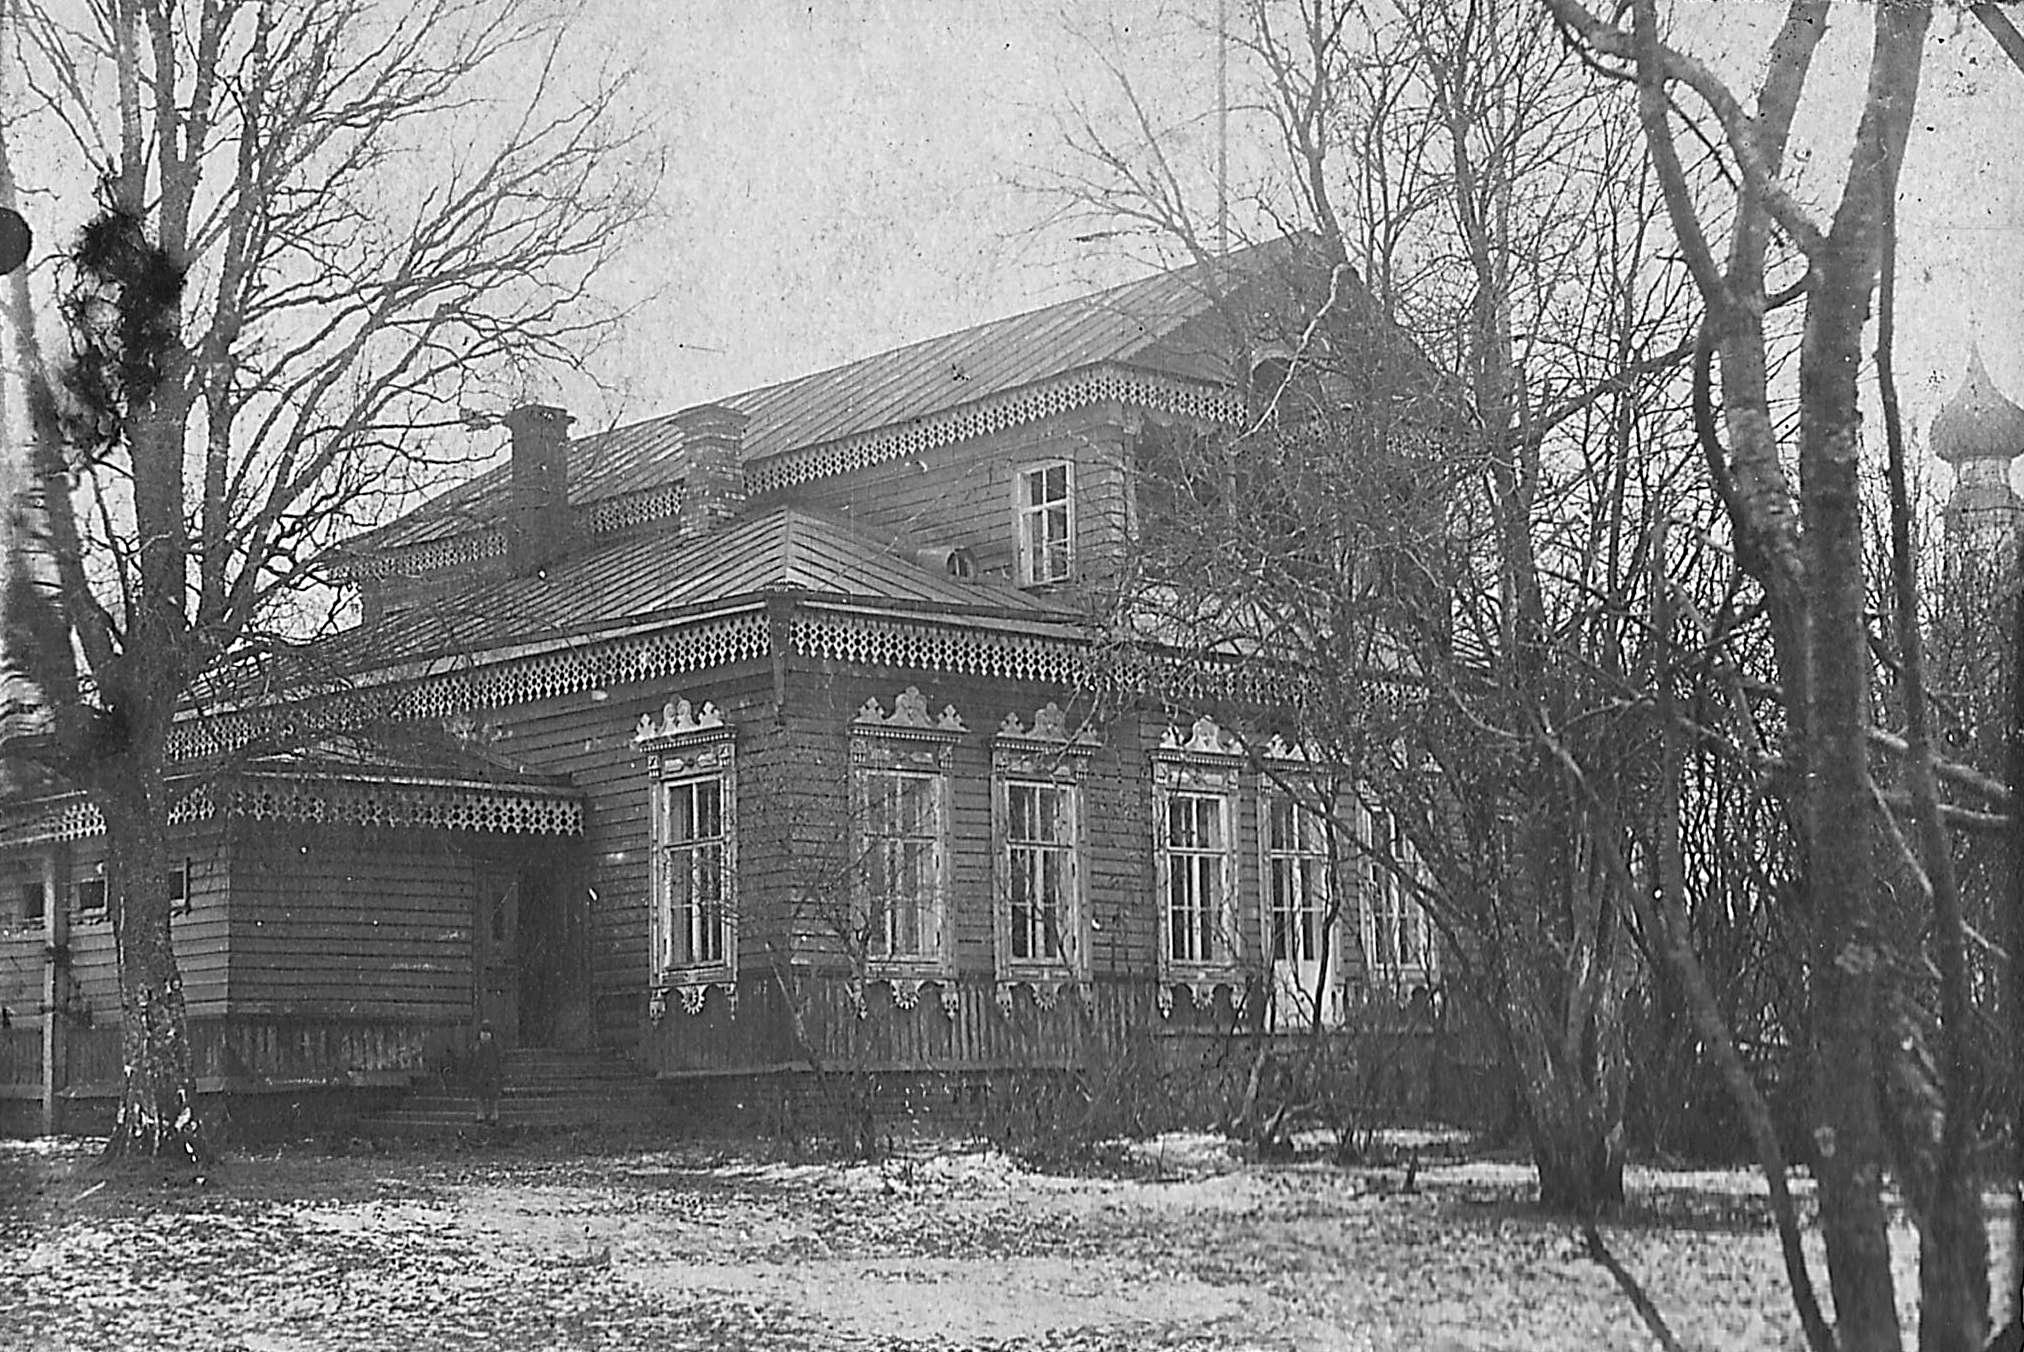 Парковый дом села Введенское. фото 1930 г. из коллекц. М.Шейко